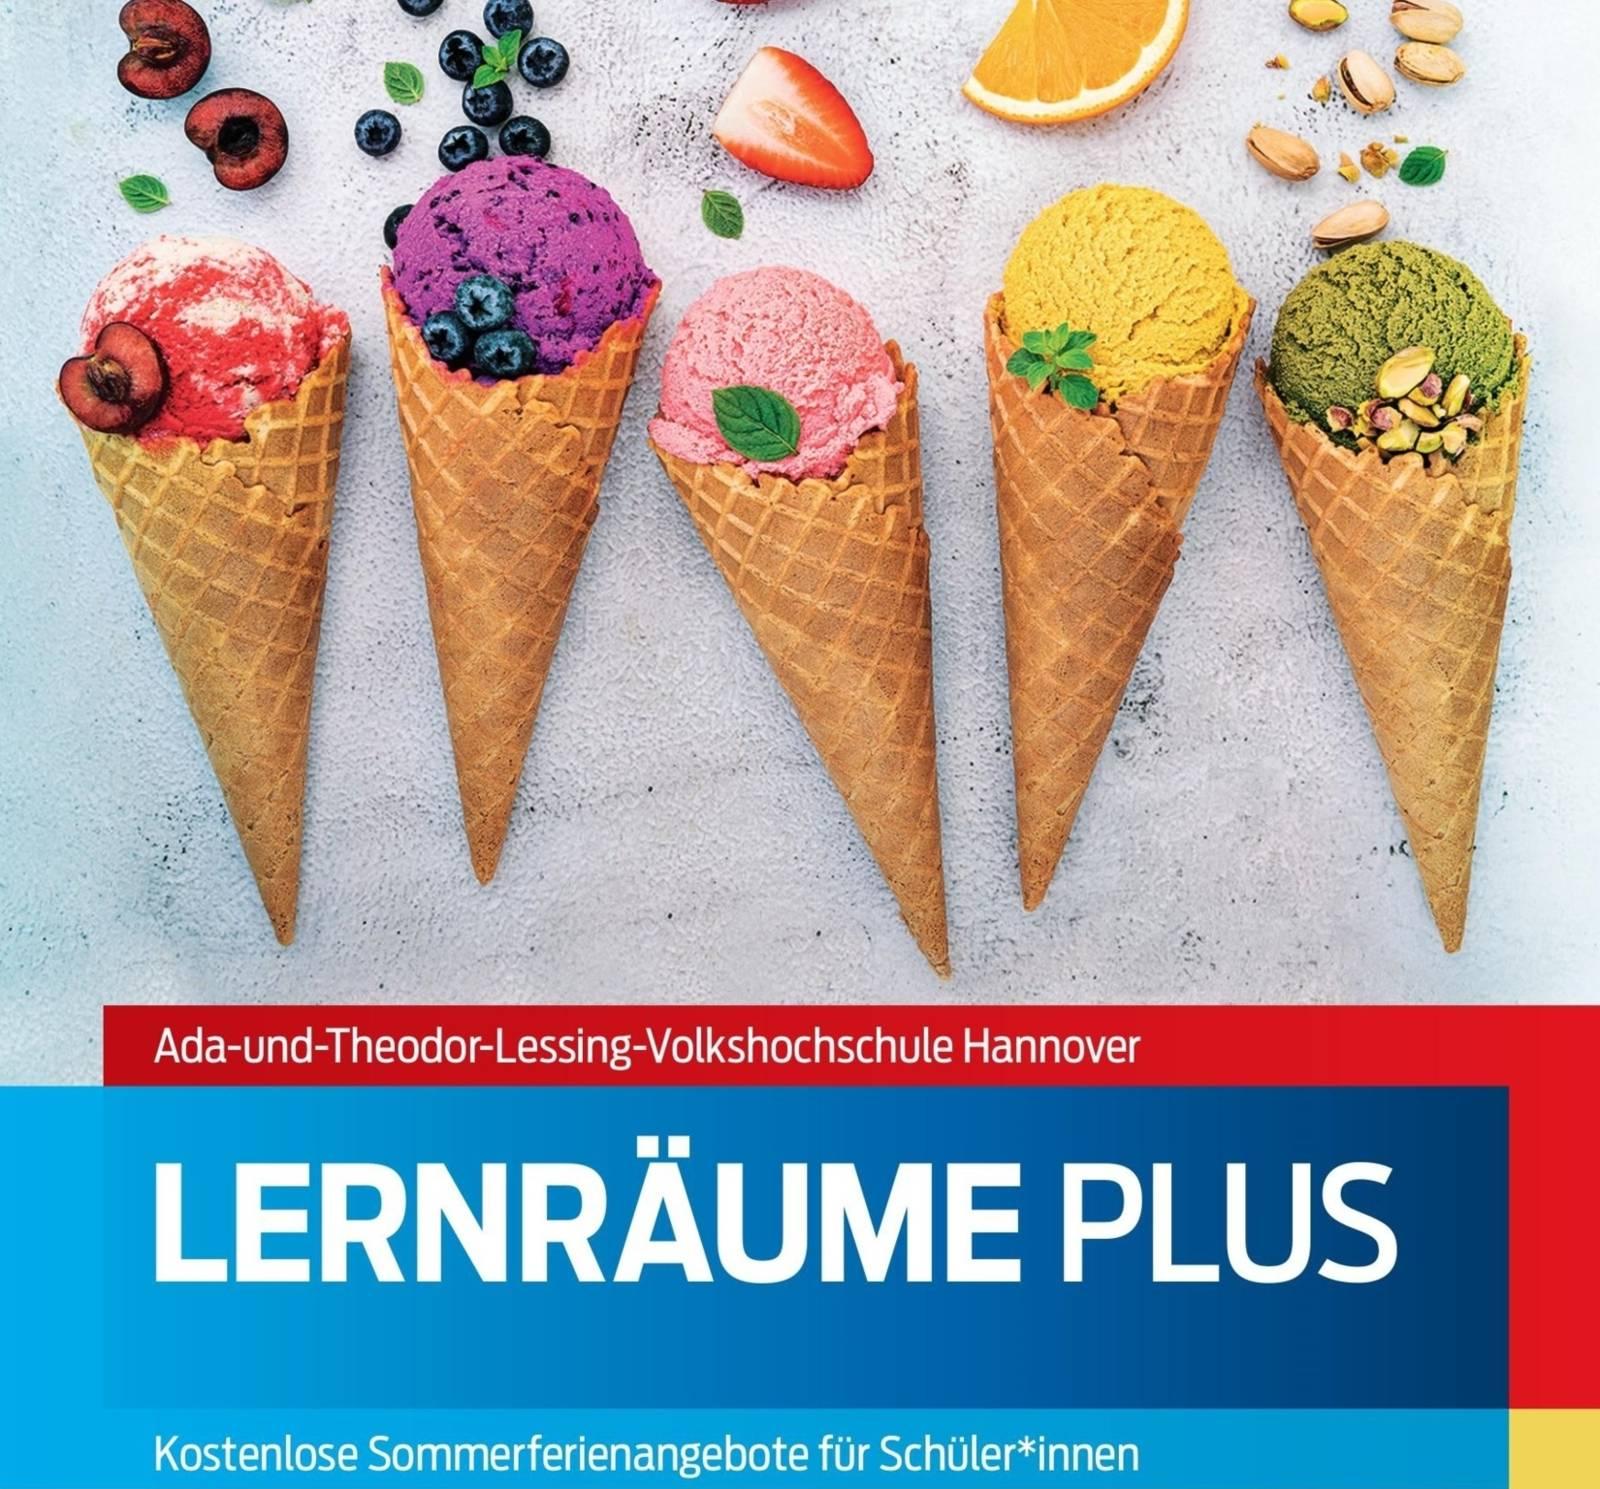 Plakat Ada-und Theodor Lessing VHS: Mehrere Eiswaffeln mit verschiedenen Eiskugeln und Früchten sind zu sehen. Text LernräumePlus . Kostenloses Sommerferienangebot.